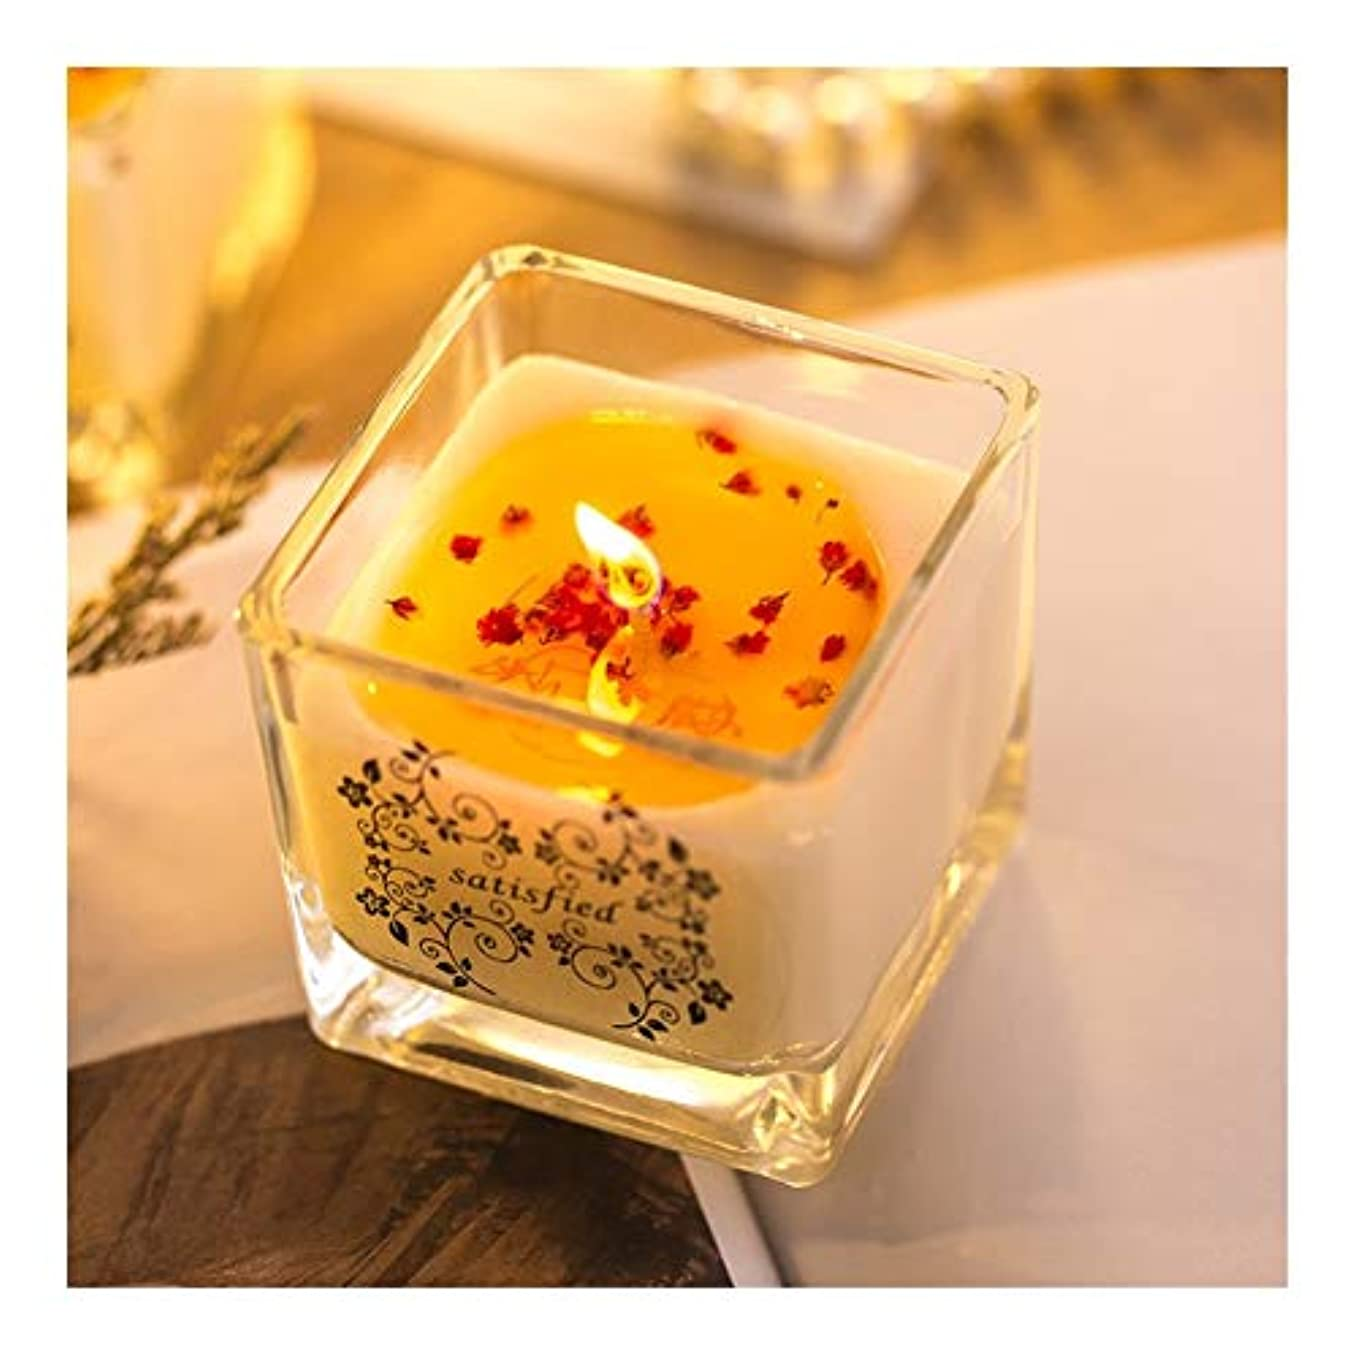 和エキサイティング雑品Ztian 手作りアロマセラピー大豆キャンドルロマンチックな結婚結婚ガラスの花びら輸入無煙エッセンシャルオイルキャンドル卸売 (色 : Green tea)